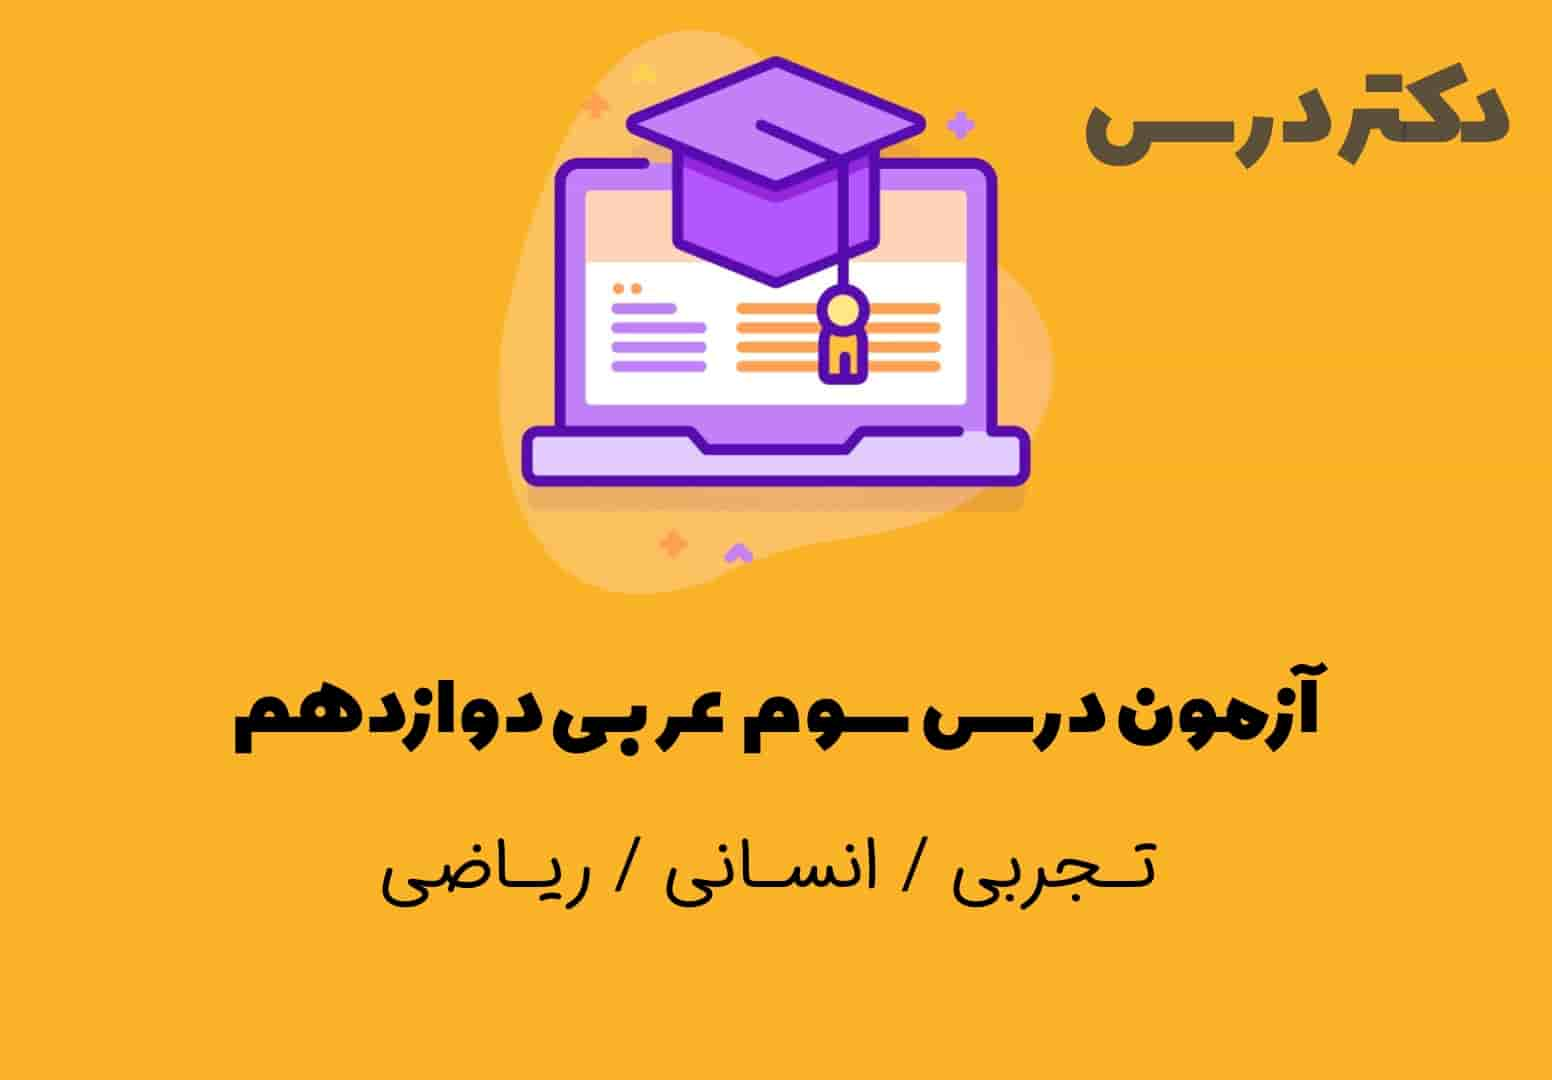 آزمون درس سوم عربی دوازدهم